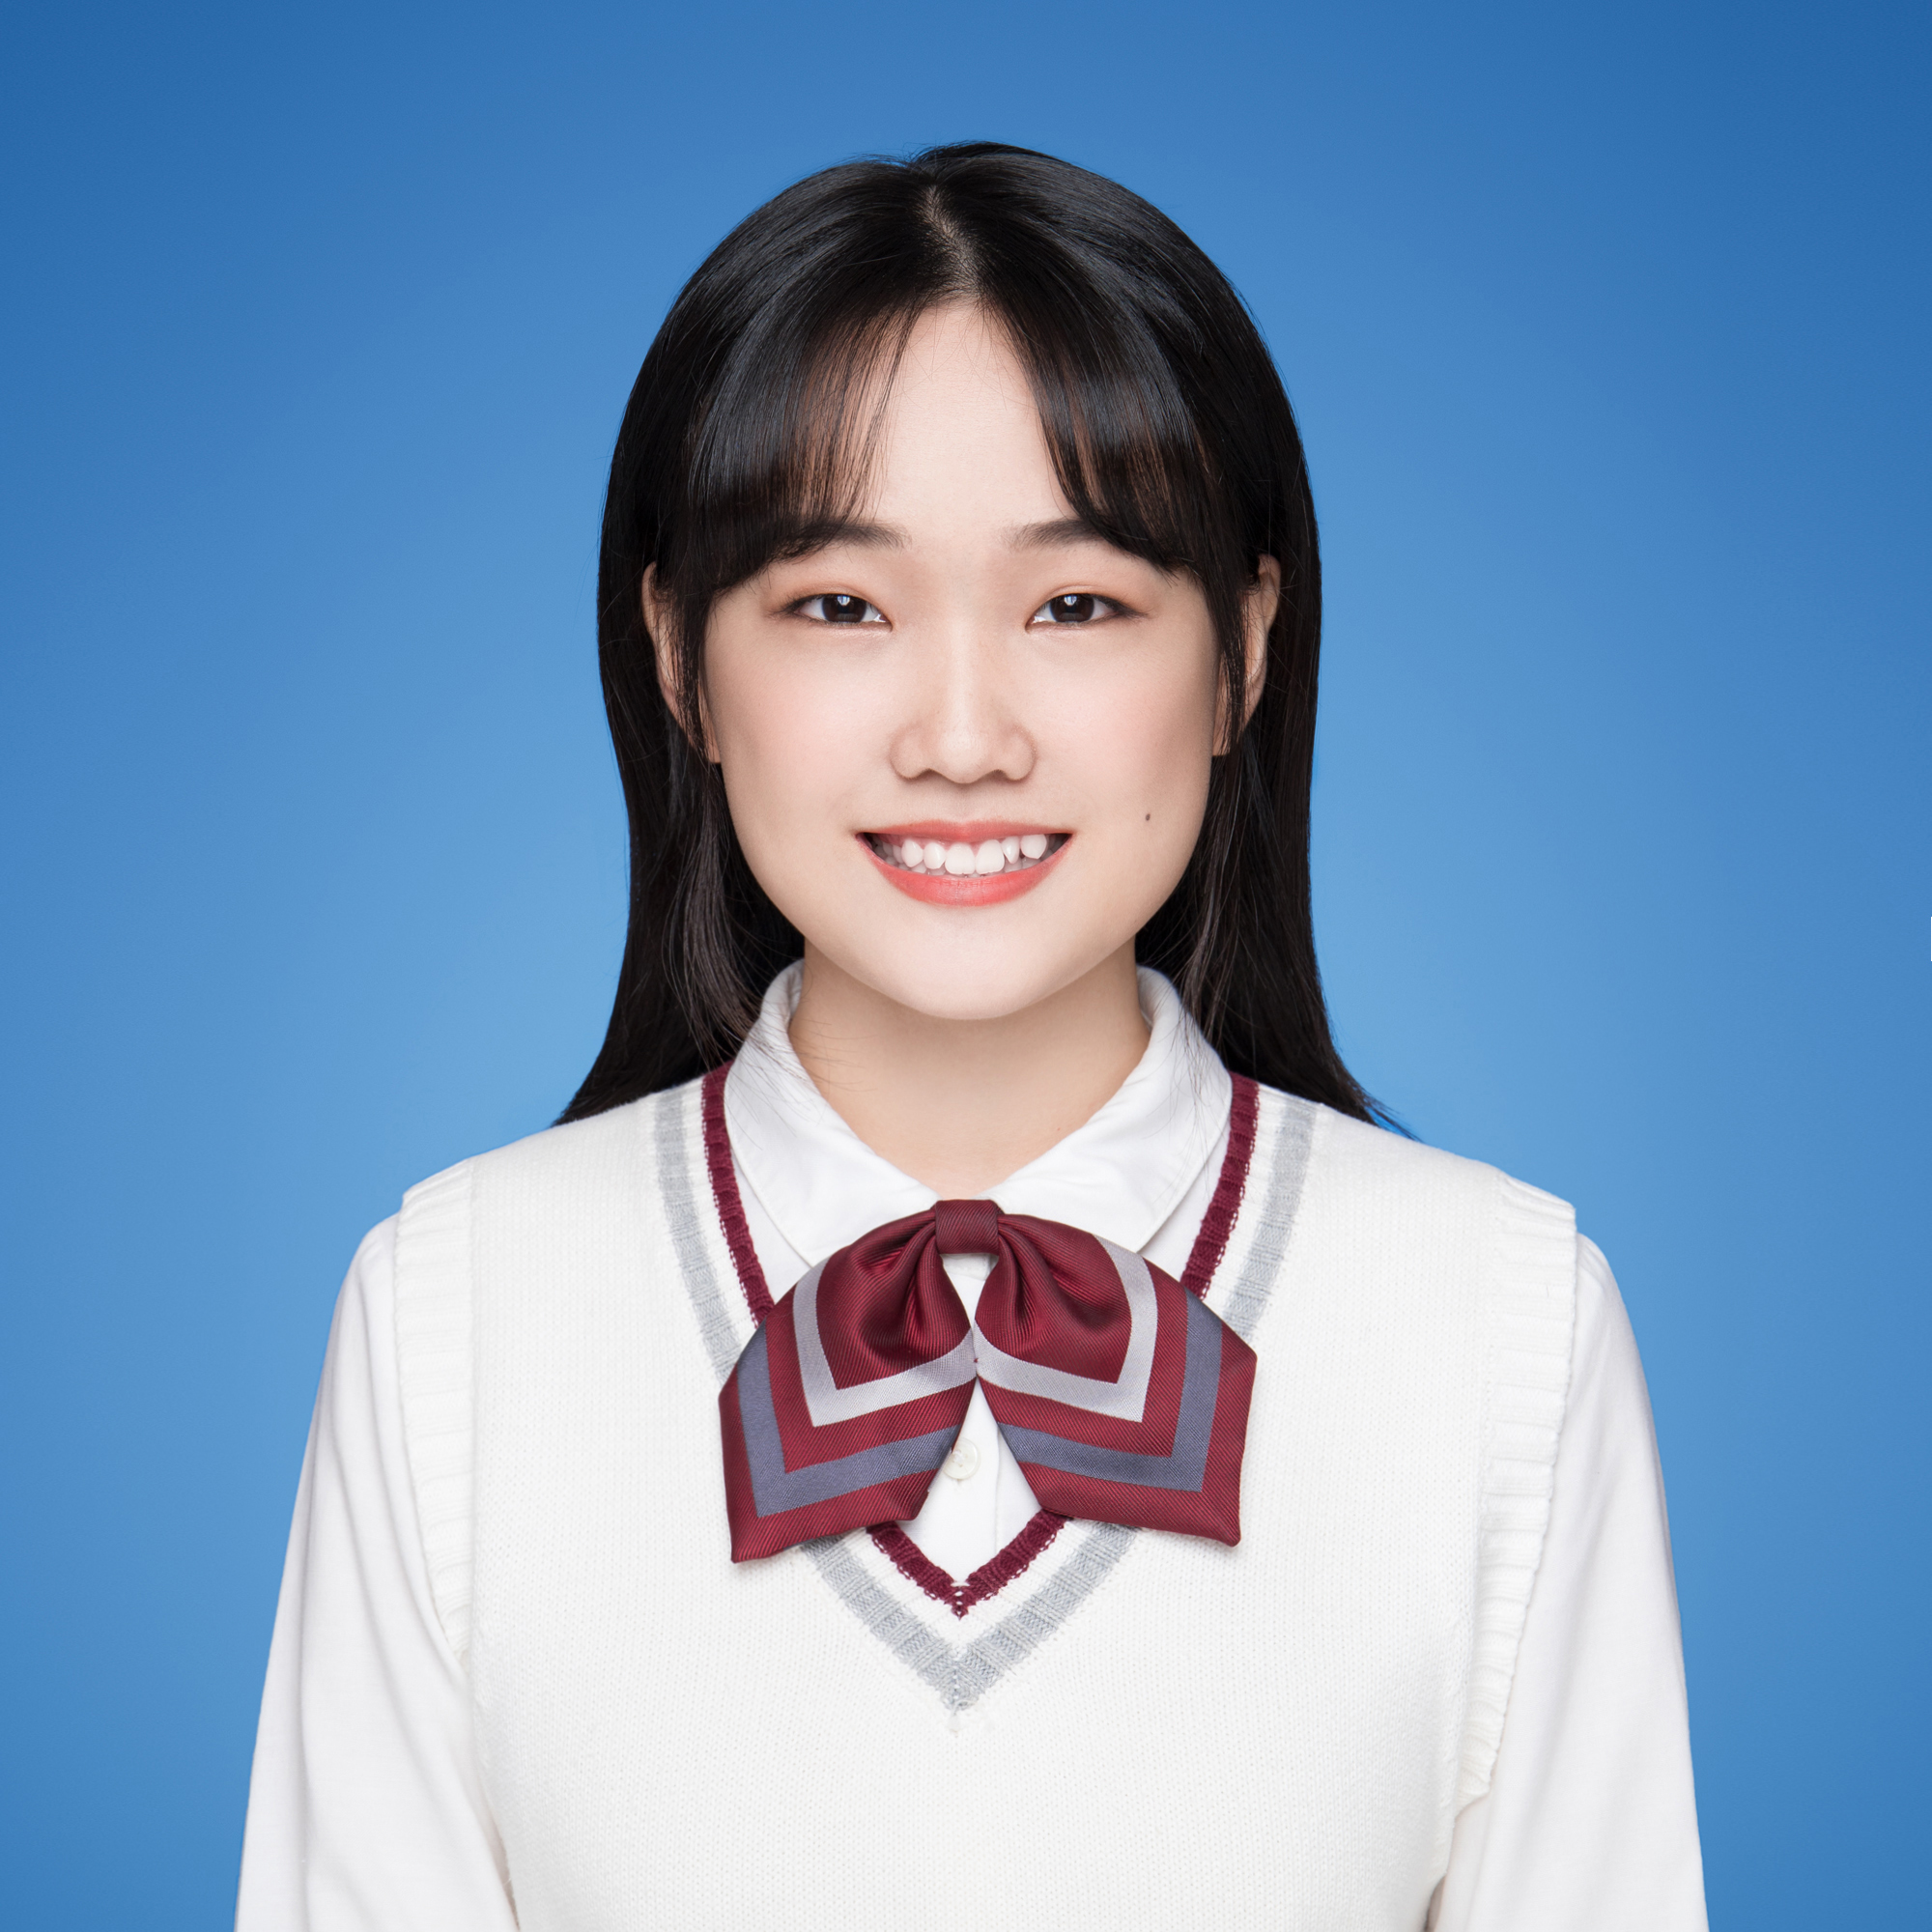 深圳家教徐教员